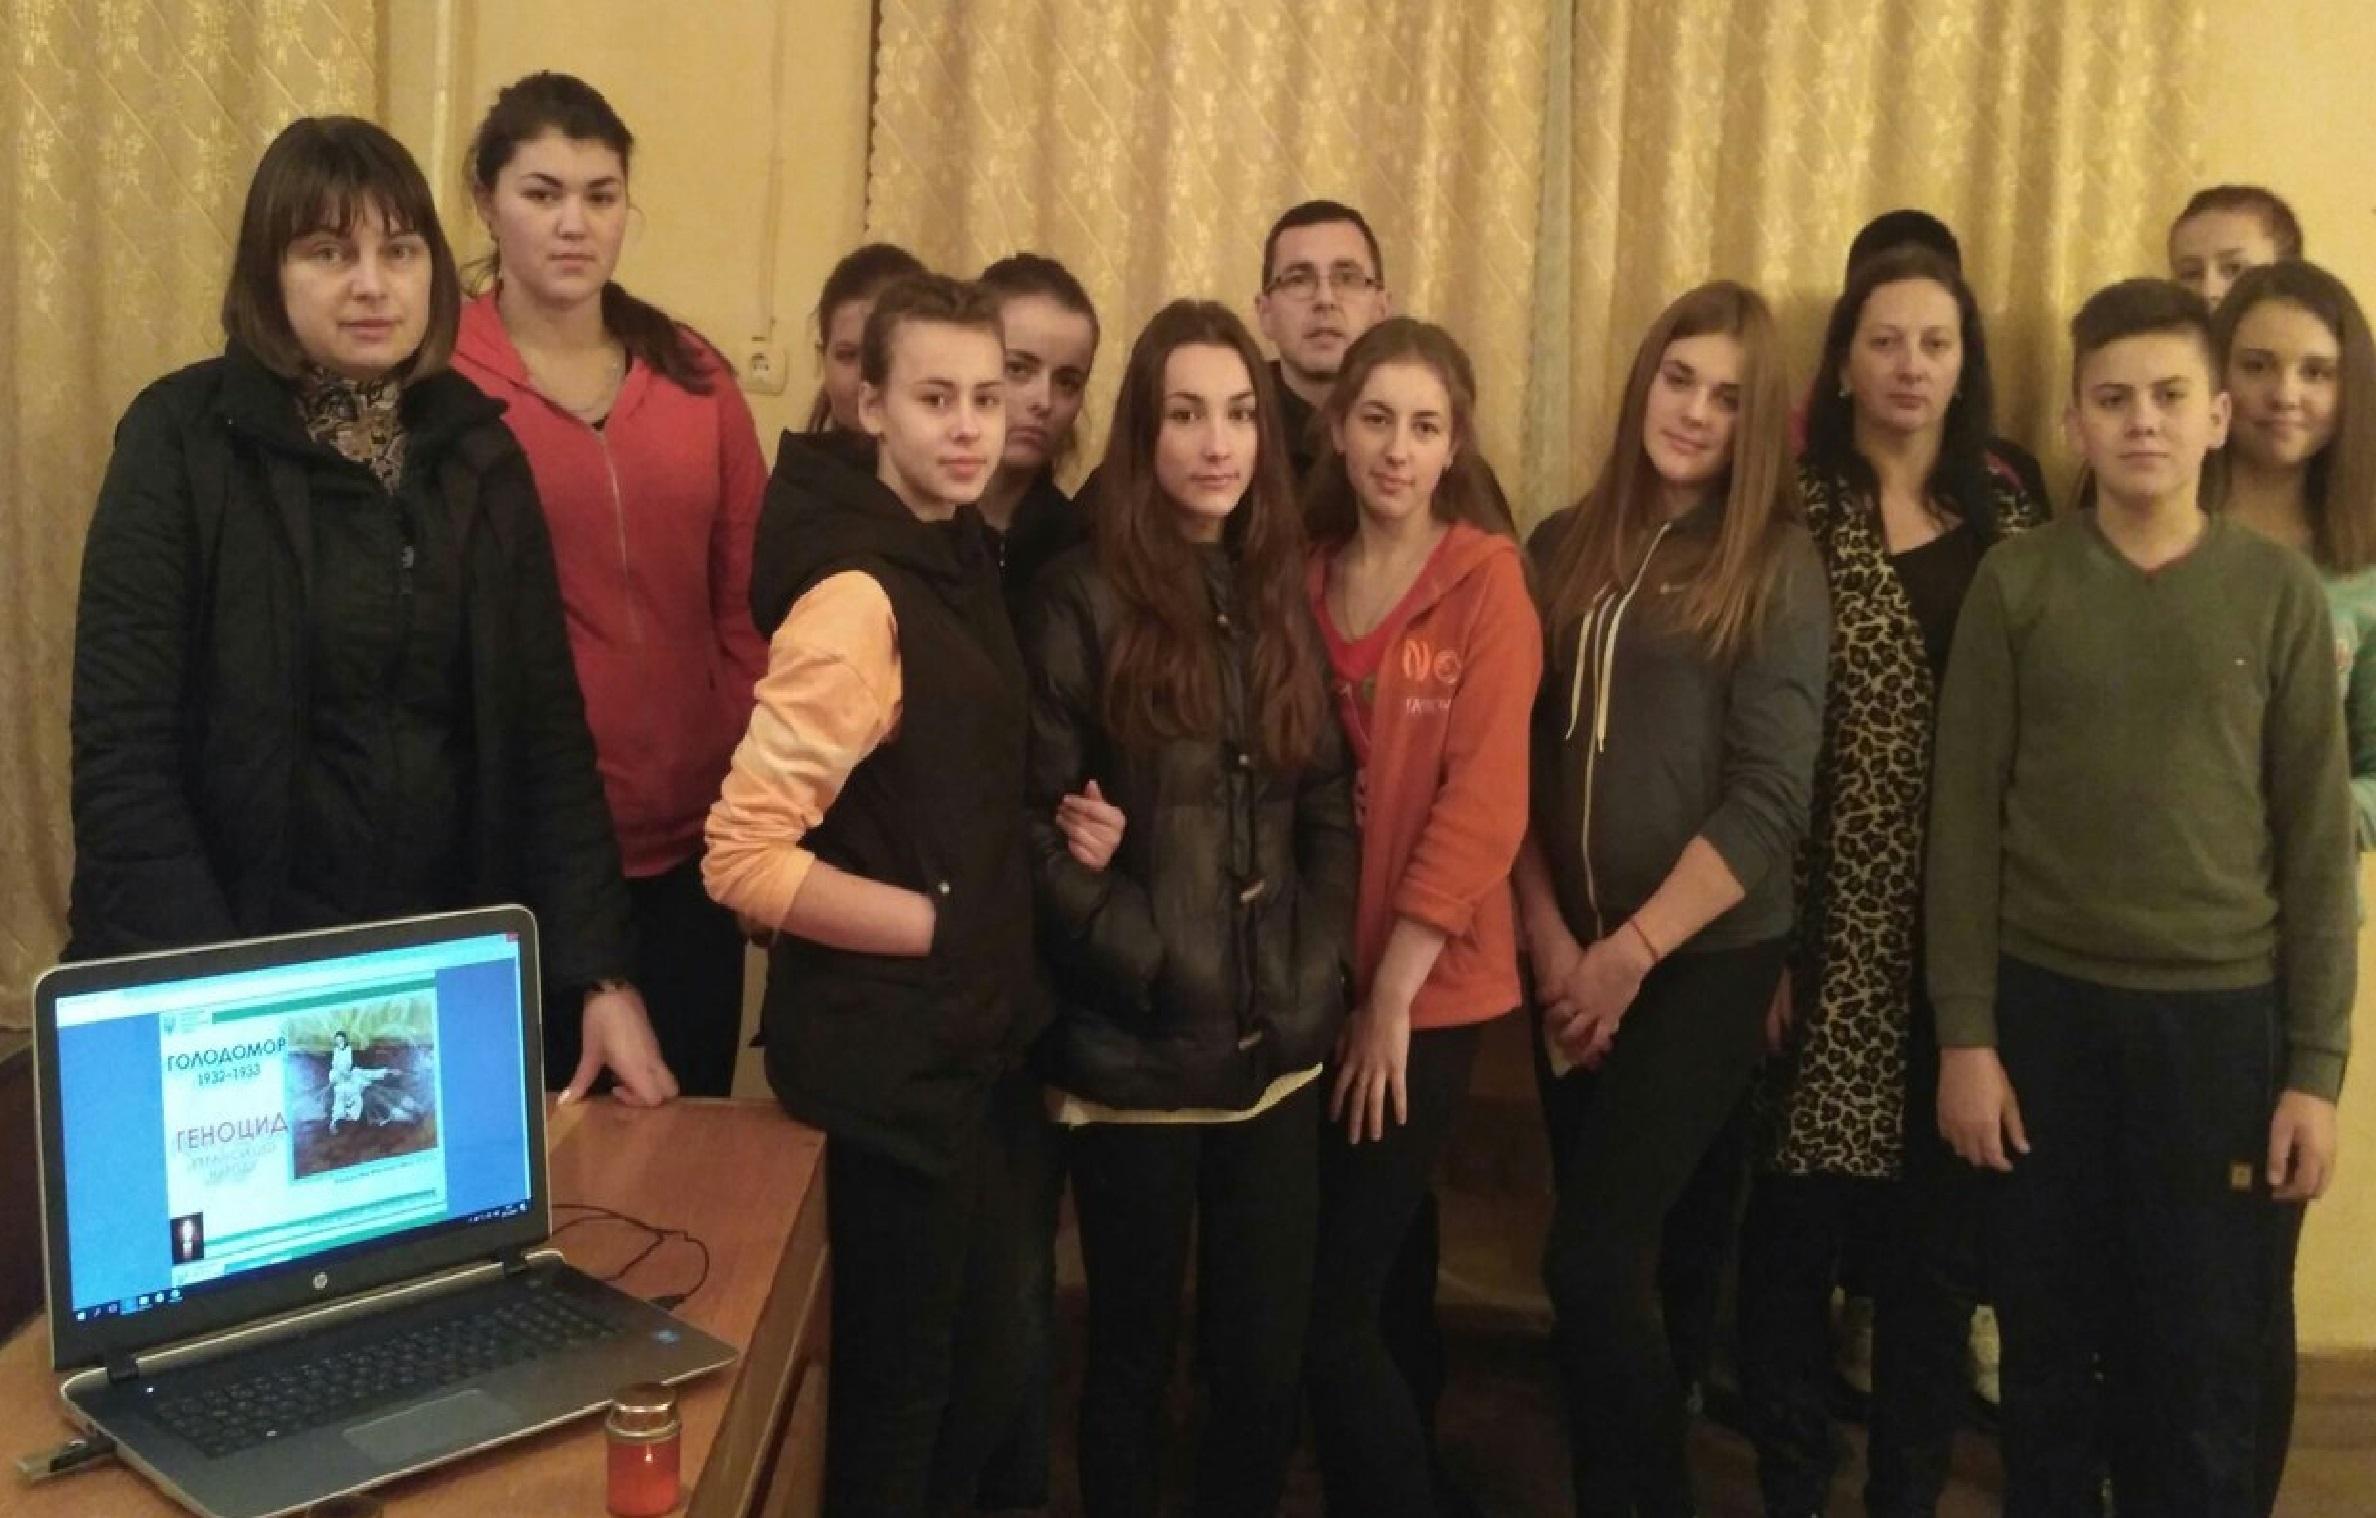 Ушанування пам'яті жертв Голодомору в УТЕК КНТЕУ